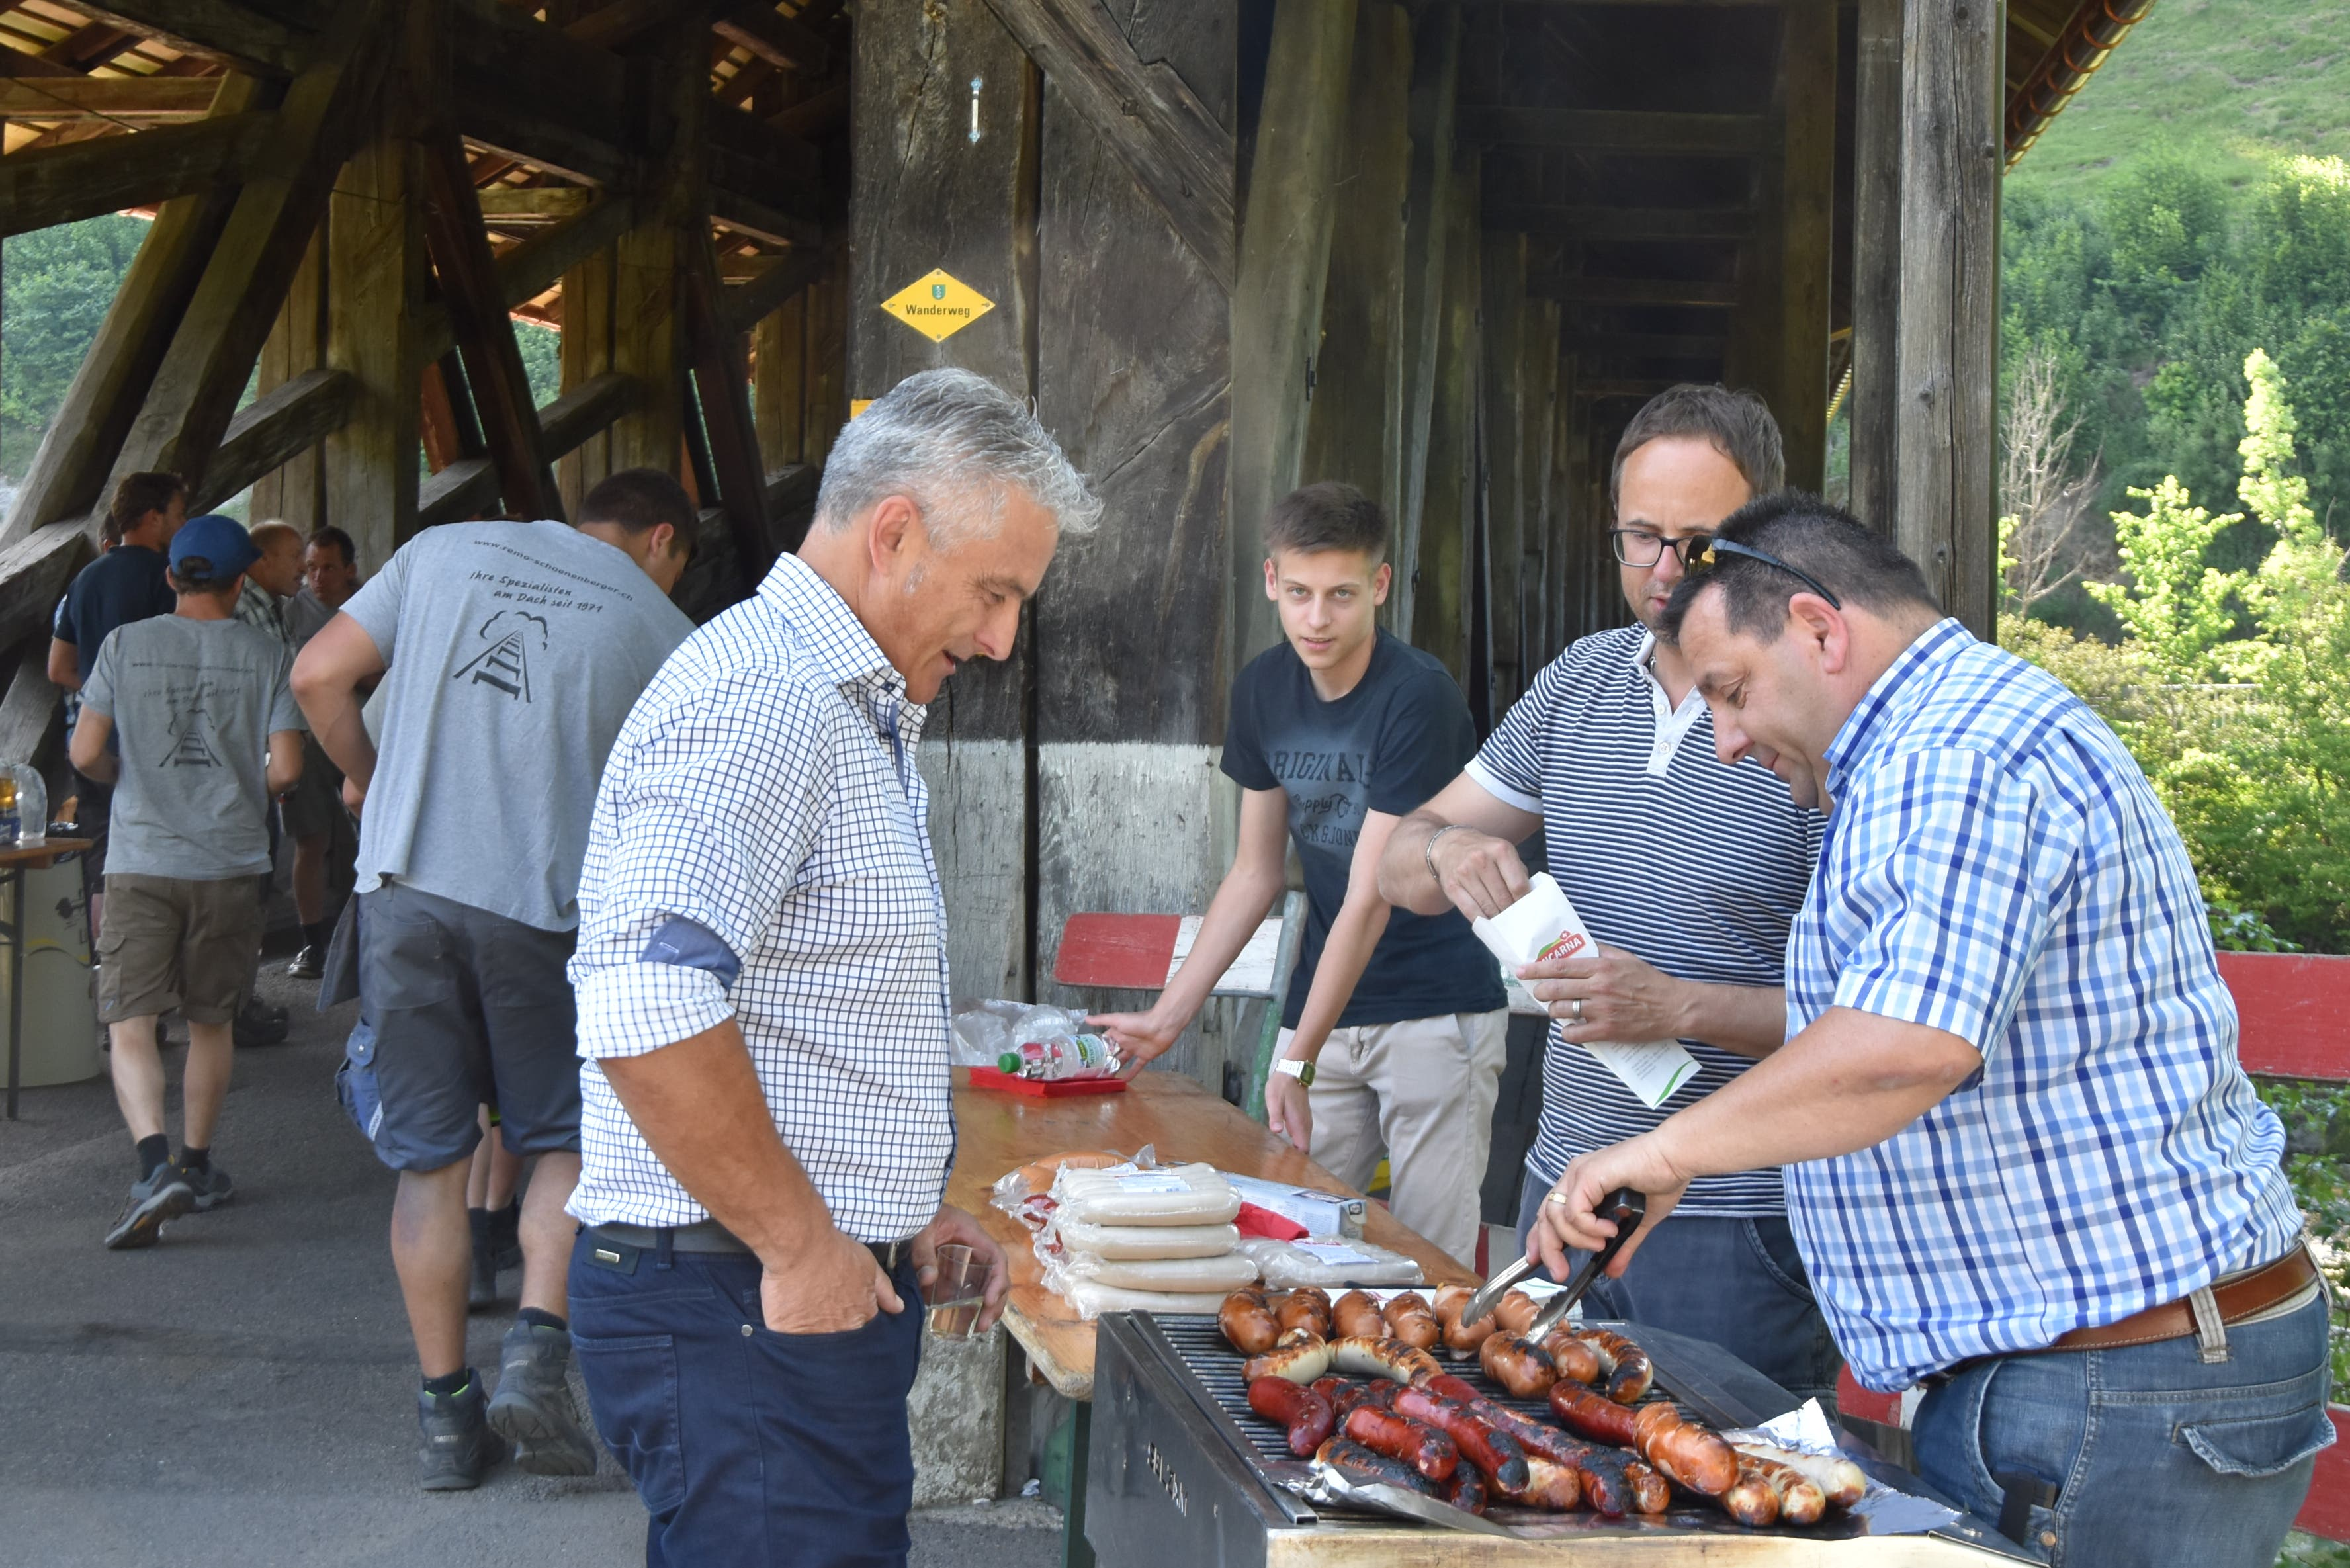 Gemeinderat Heinz Grob lässt sich von seinem Ratskollegen Ruedi Epper am Grill bedienen. (Bild: Timon Kobelt)